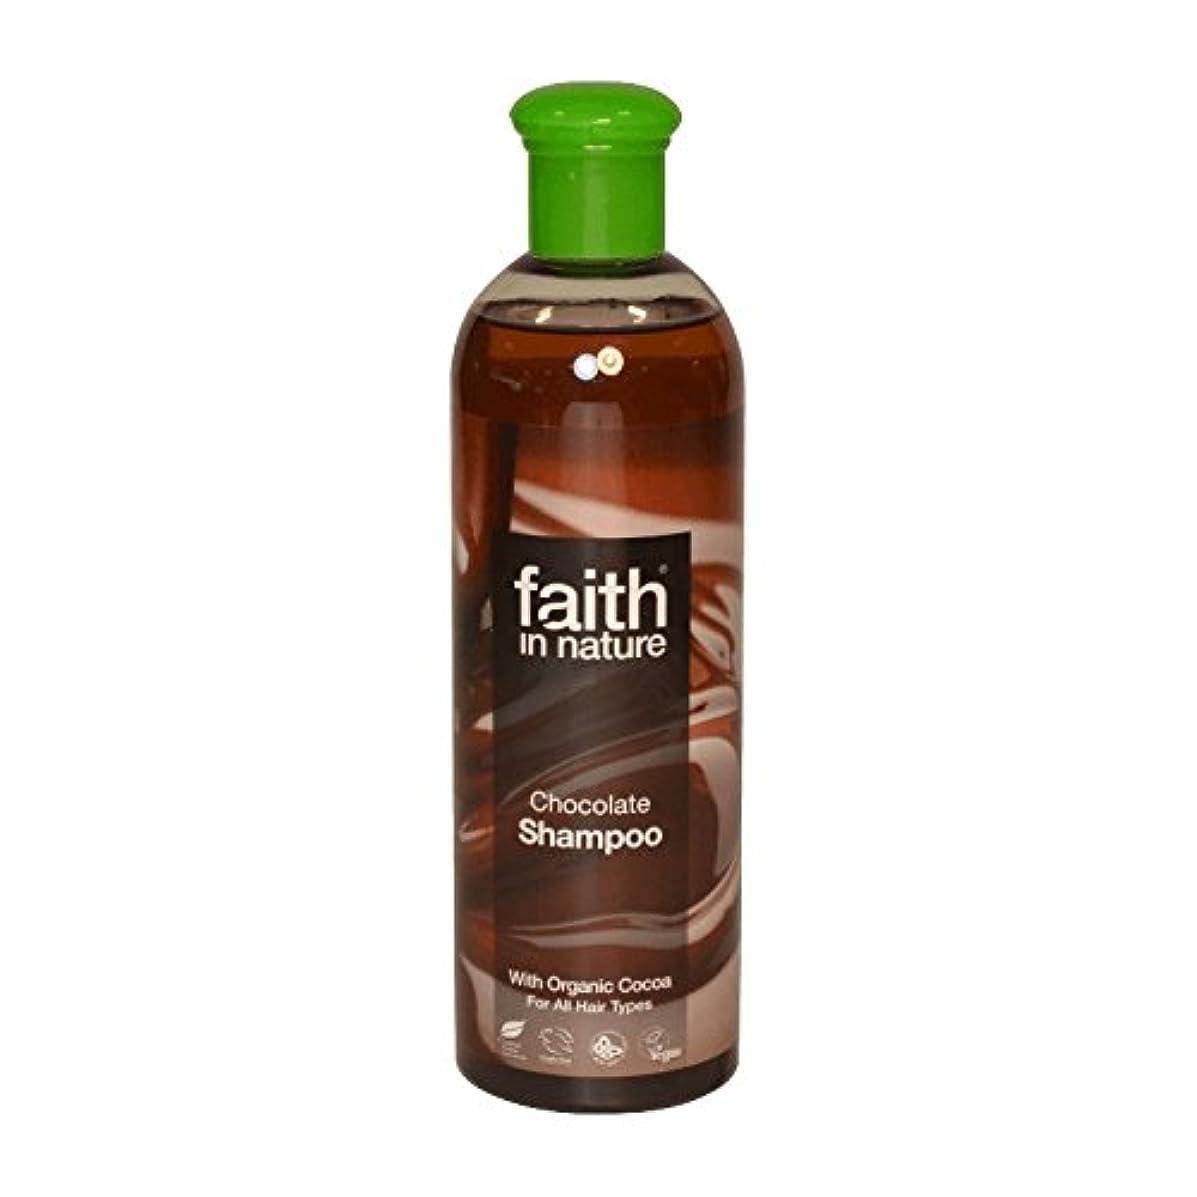 白菜処方する意外Faith in Nature Chocolate Shampoo 400ml (Pack of 2) - 自然チョコレートシャンプー400ミリリットルの信仰 (x2) [並行輸入品]